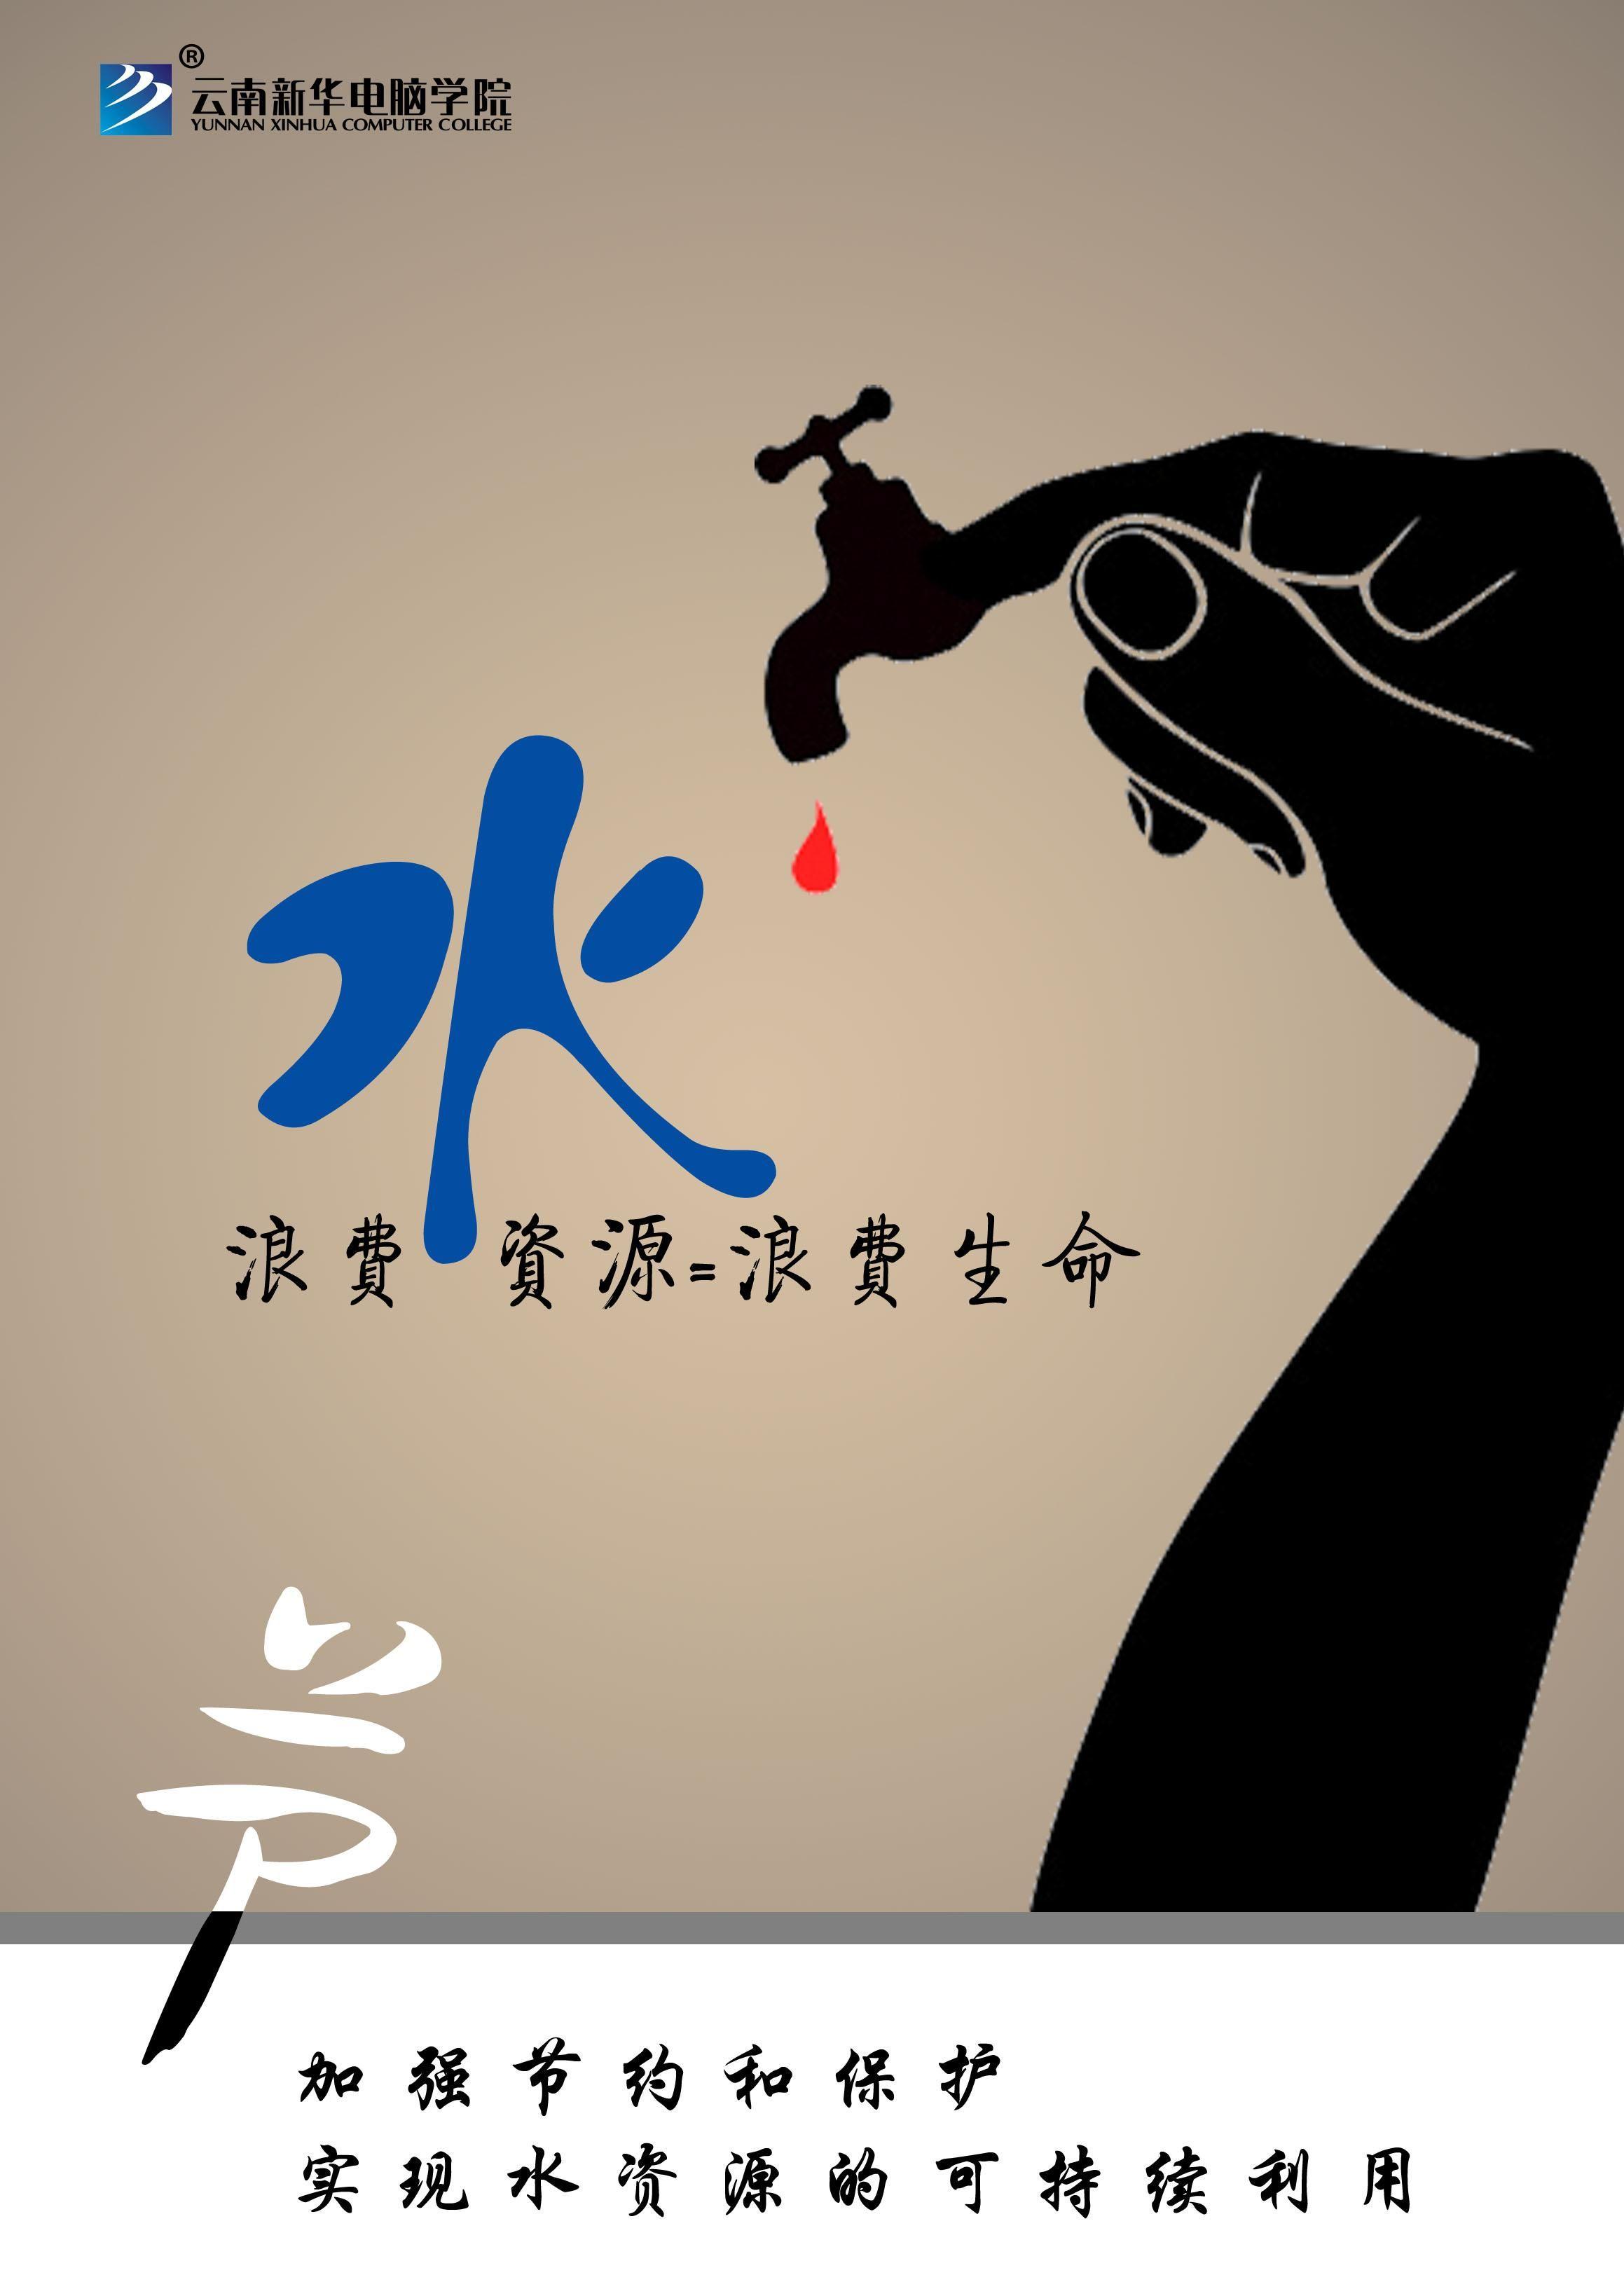 similar design: 节约用水海报 节约用水创意公益宣传海报设计psd素